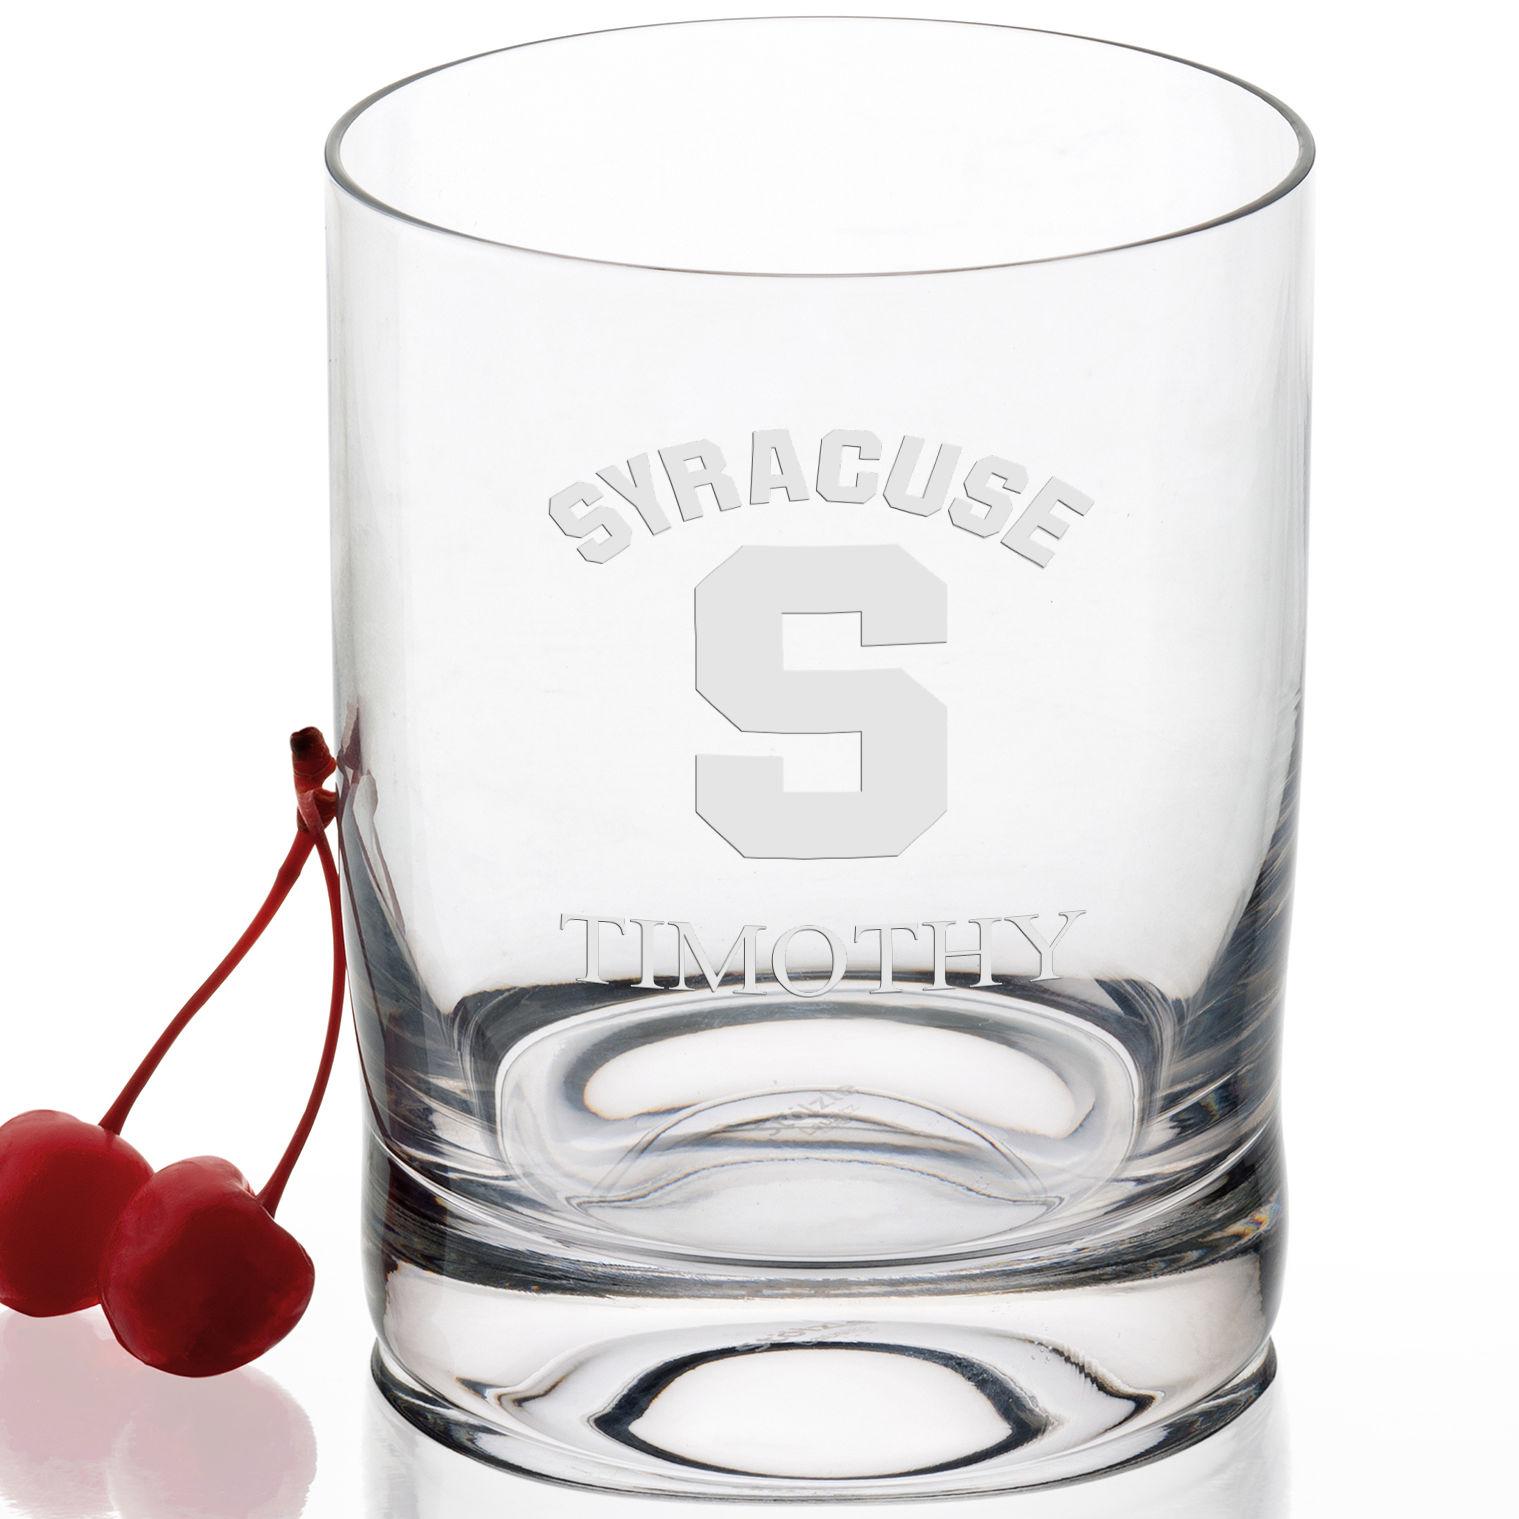 Syracuse University Tumbler Glasses - Set of 4 - Image 2